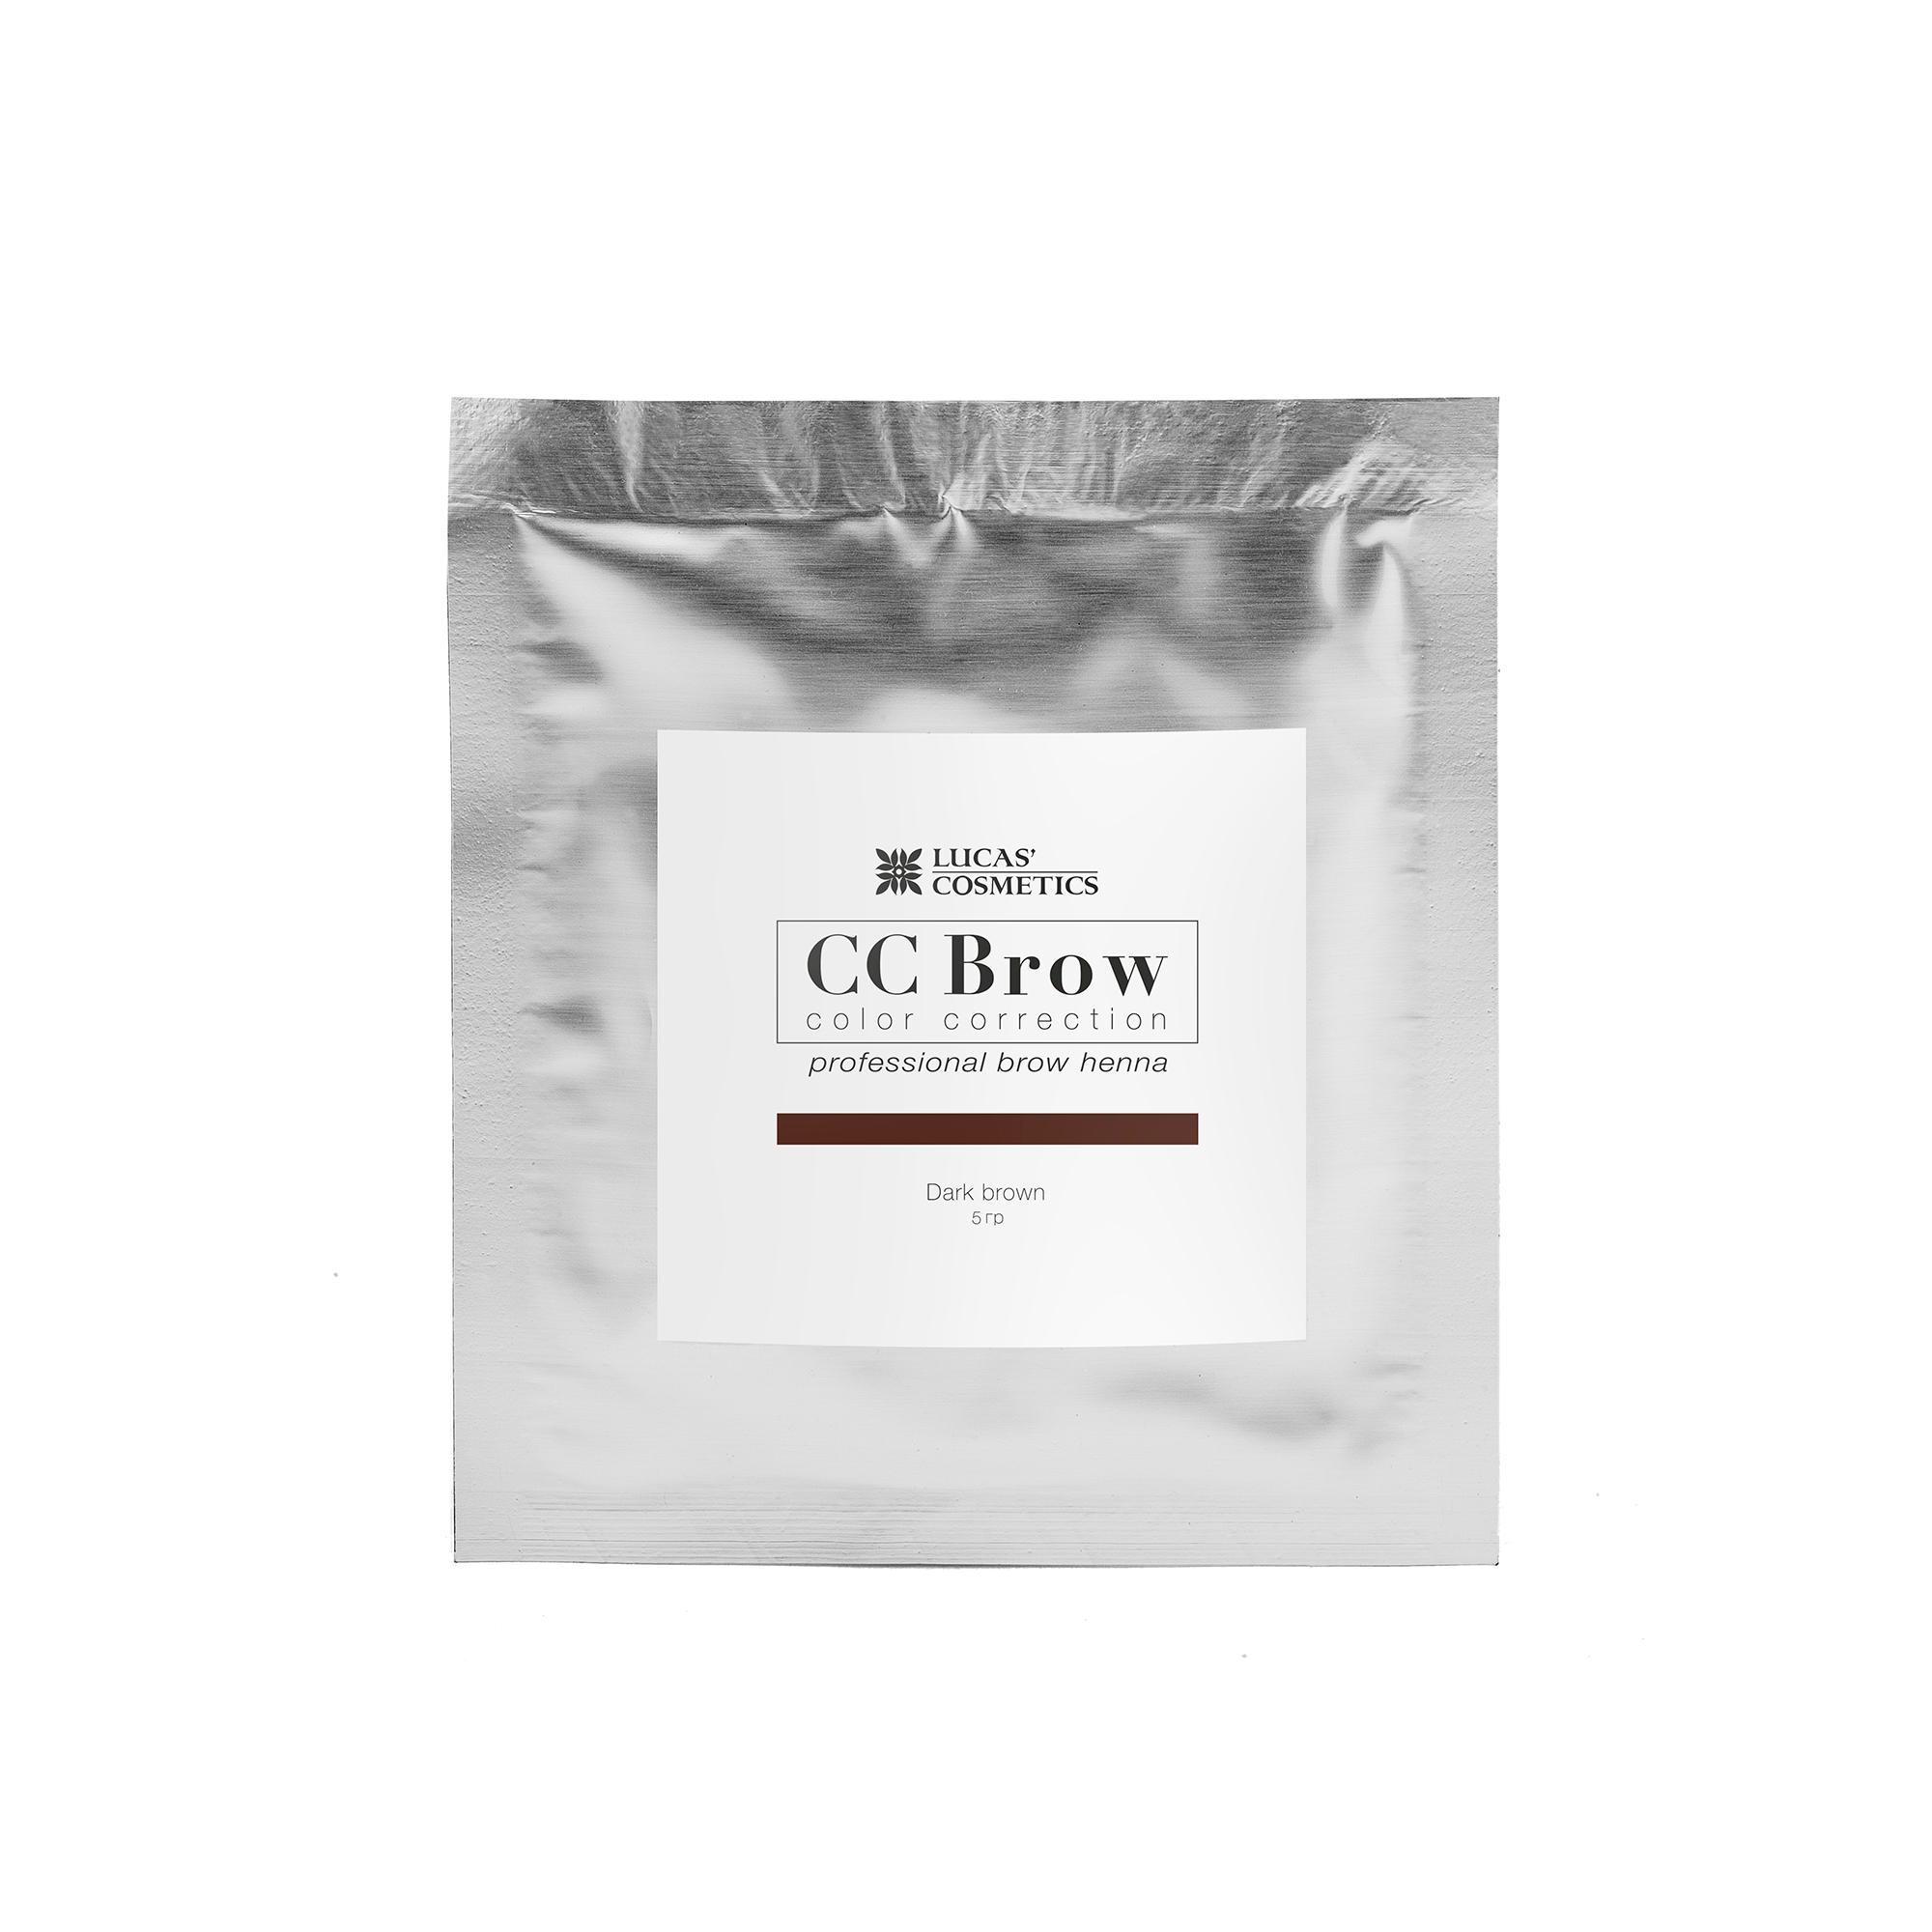 LUCAS' COSMETICS Хна для бровей в саше (темно-коричневый) / CC Brow (dark brown), 5 гр